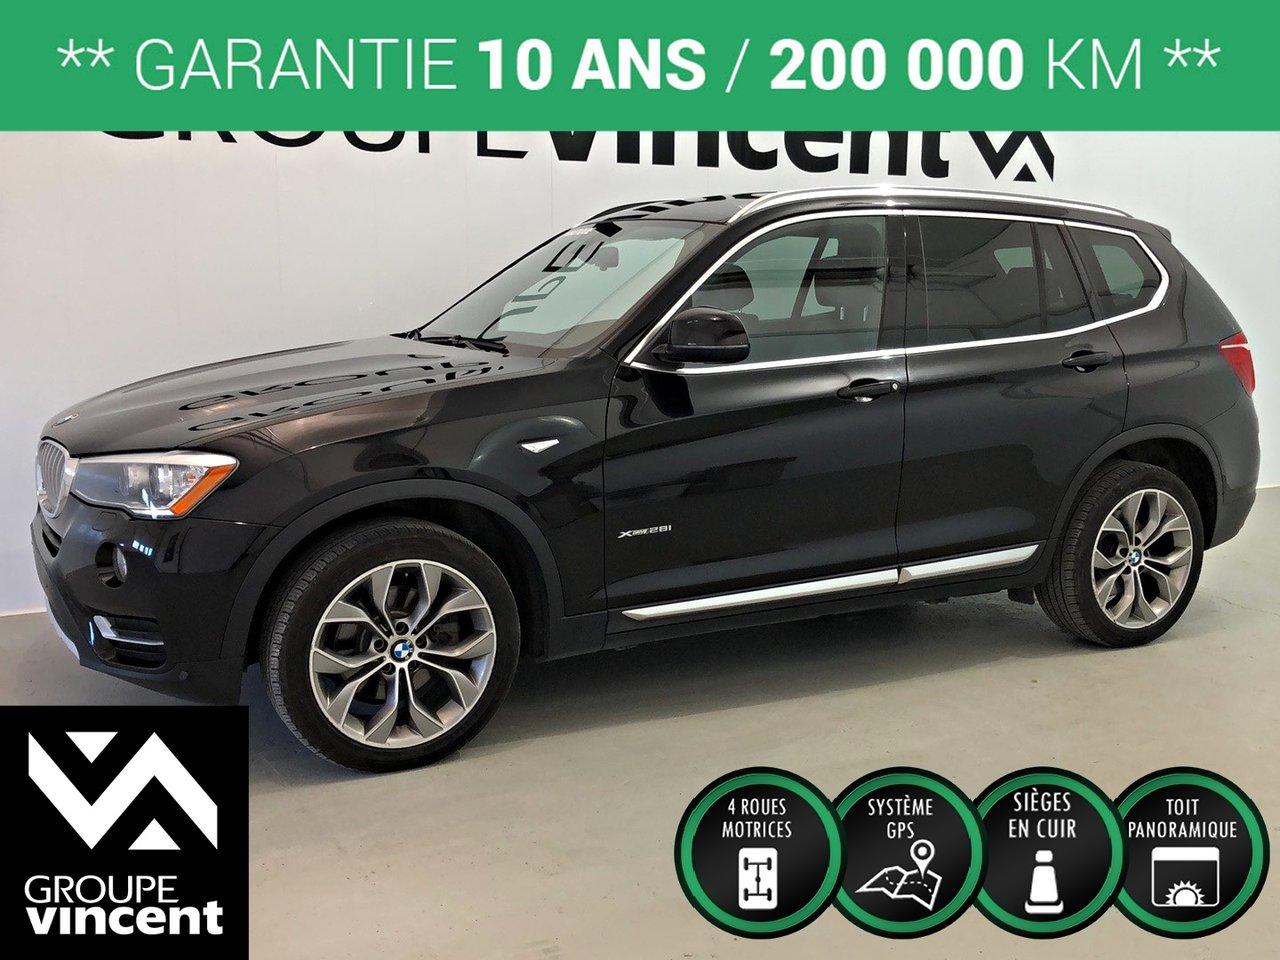 2016 BMW  X3 XDRIVE 2.8i AWD GPS TOIT ** GARANTIE 10 ANS *